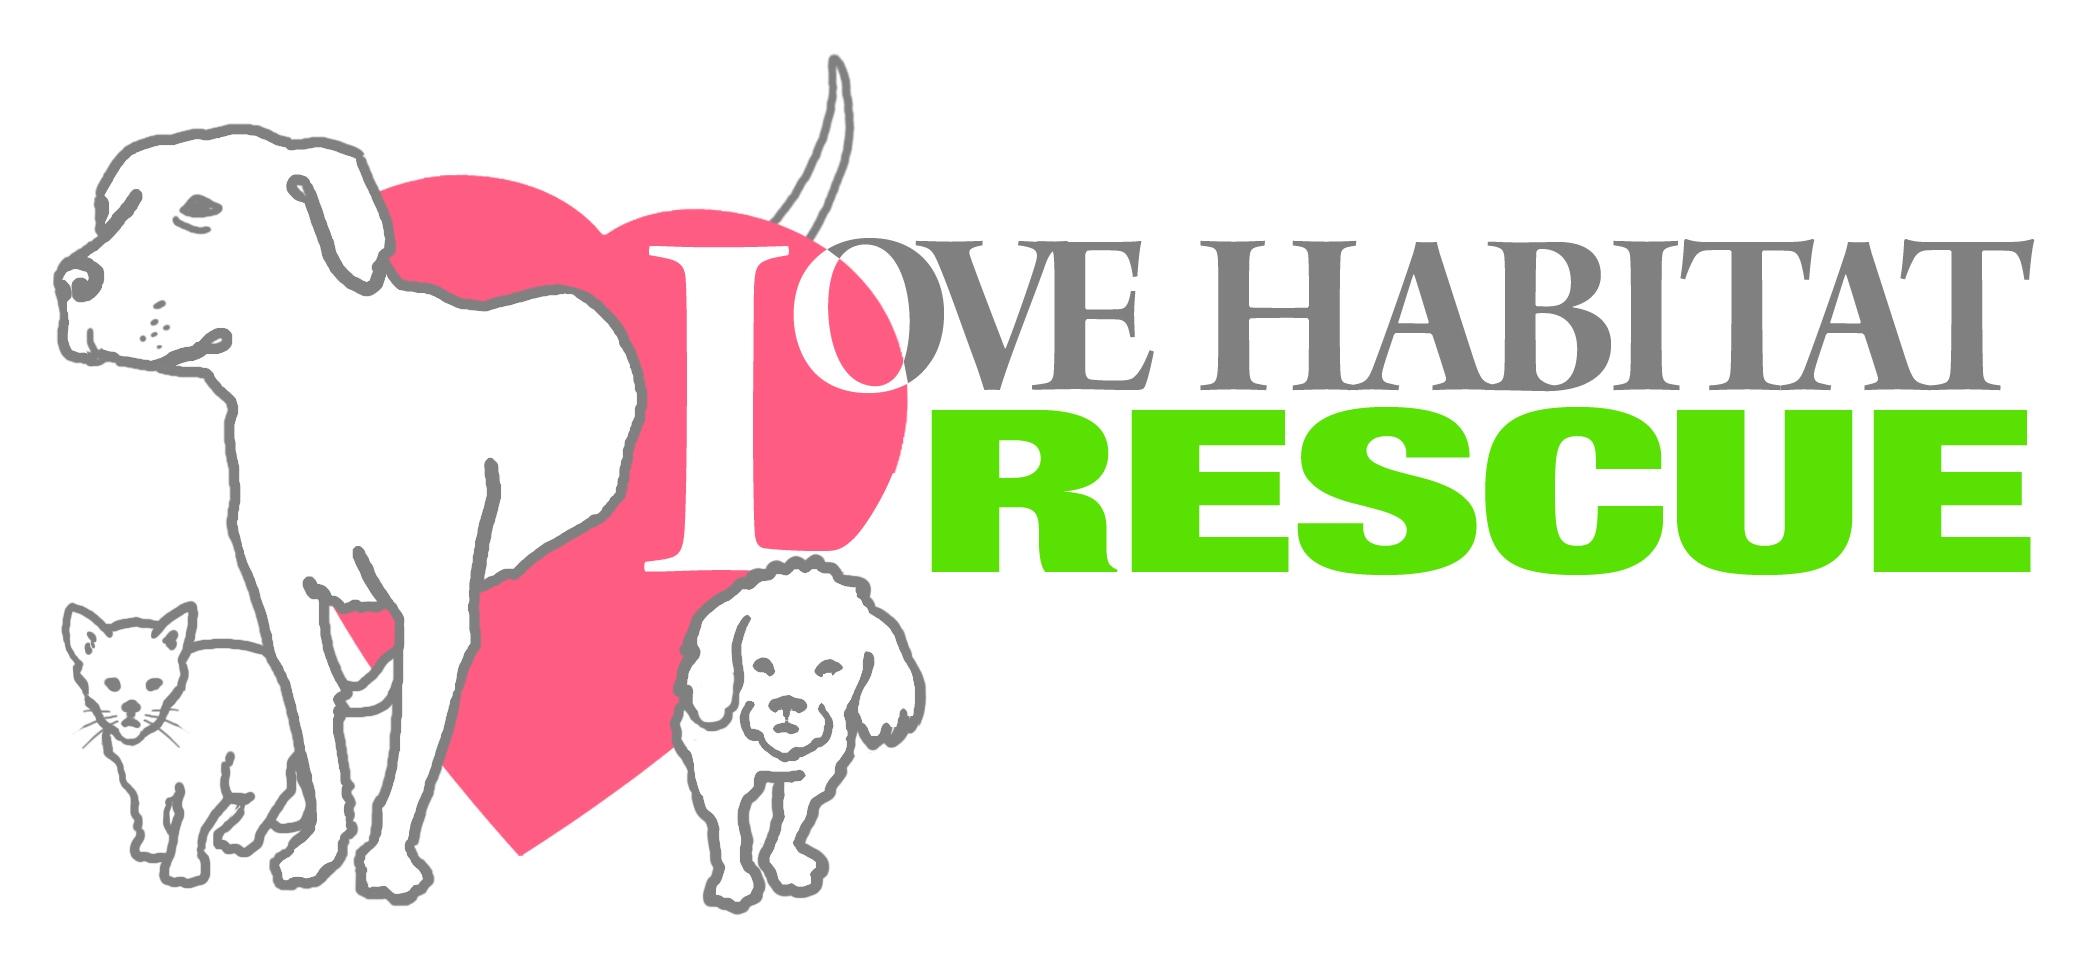 Love Habitat Rescue